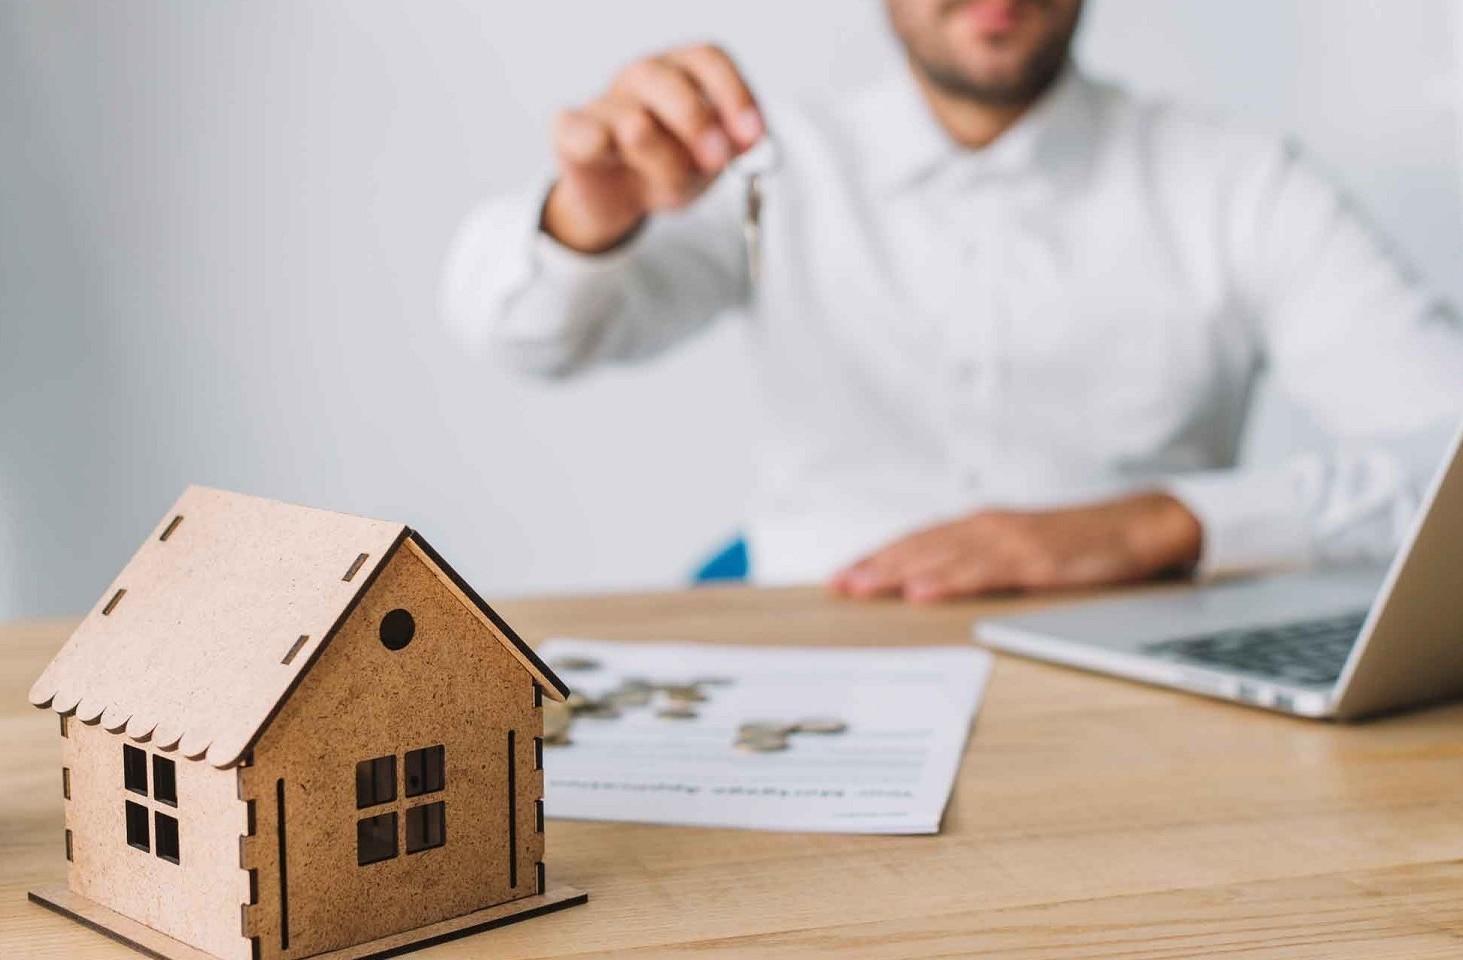 Comprare casa per affittarla. Conviene o no con tasse e spese attuali